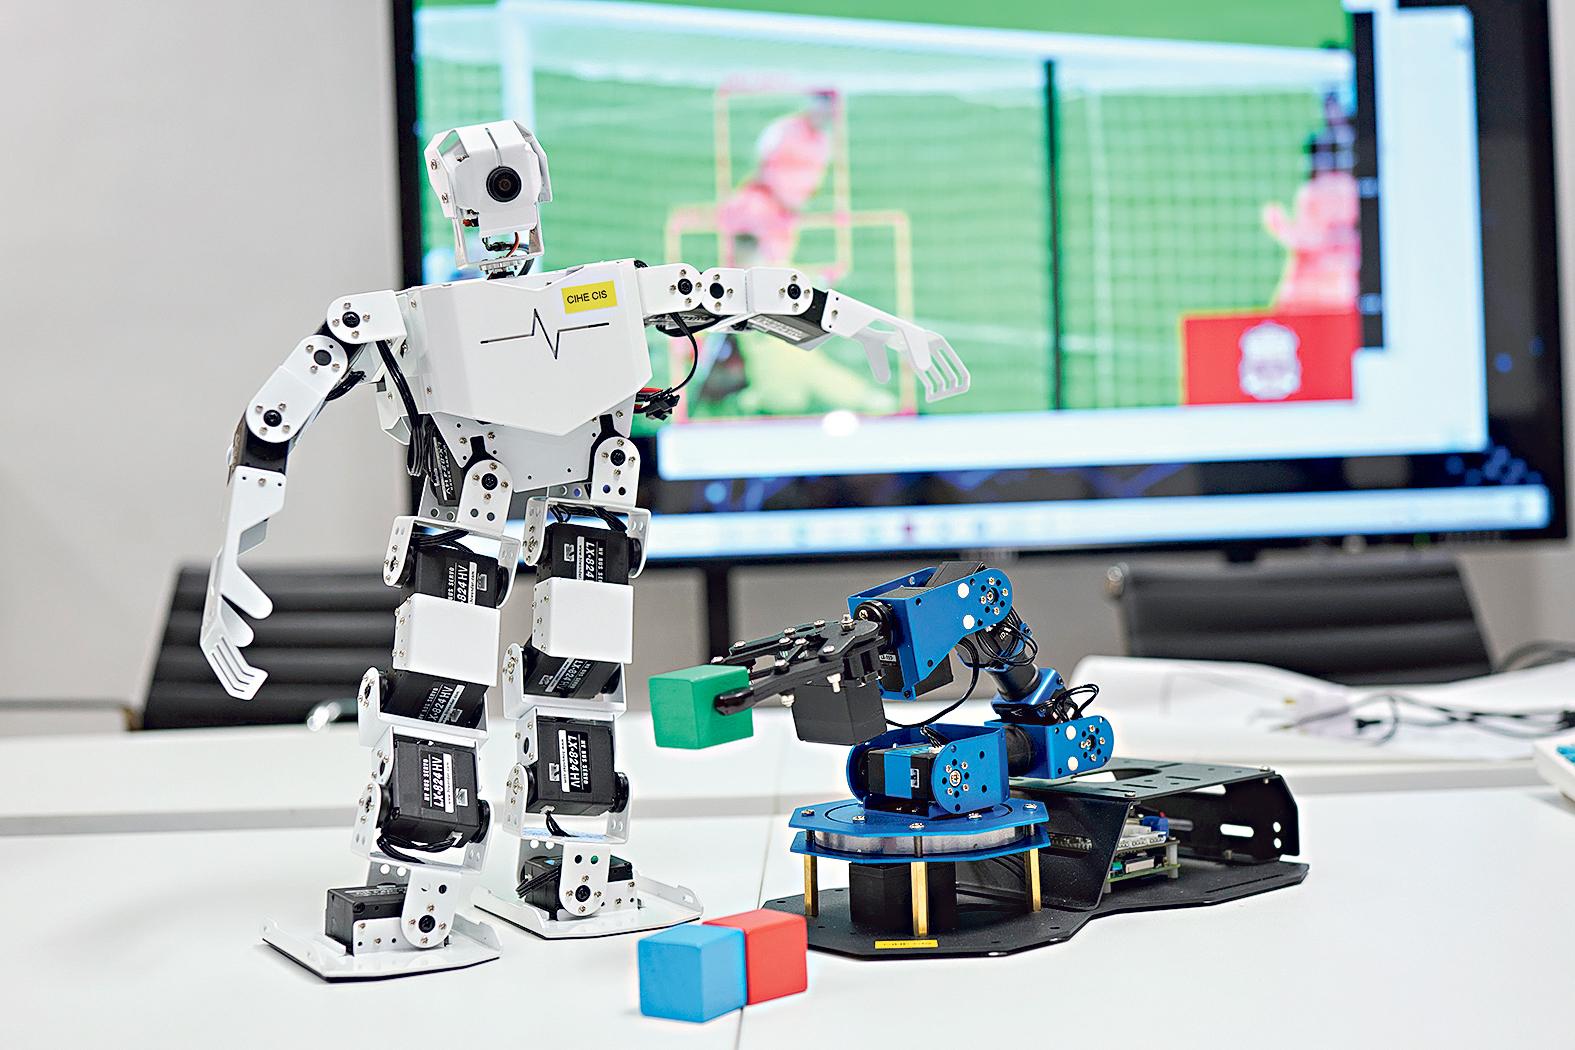 師生可使用分布式人工智能實驗室的不同軟硬件 設備,如機械人、機械臂等。